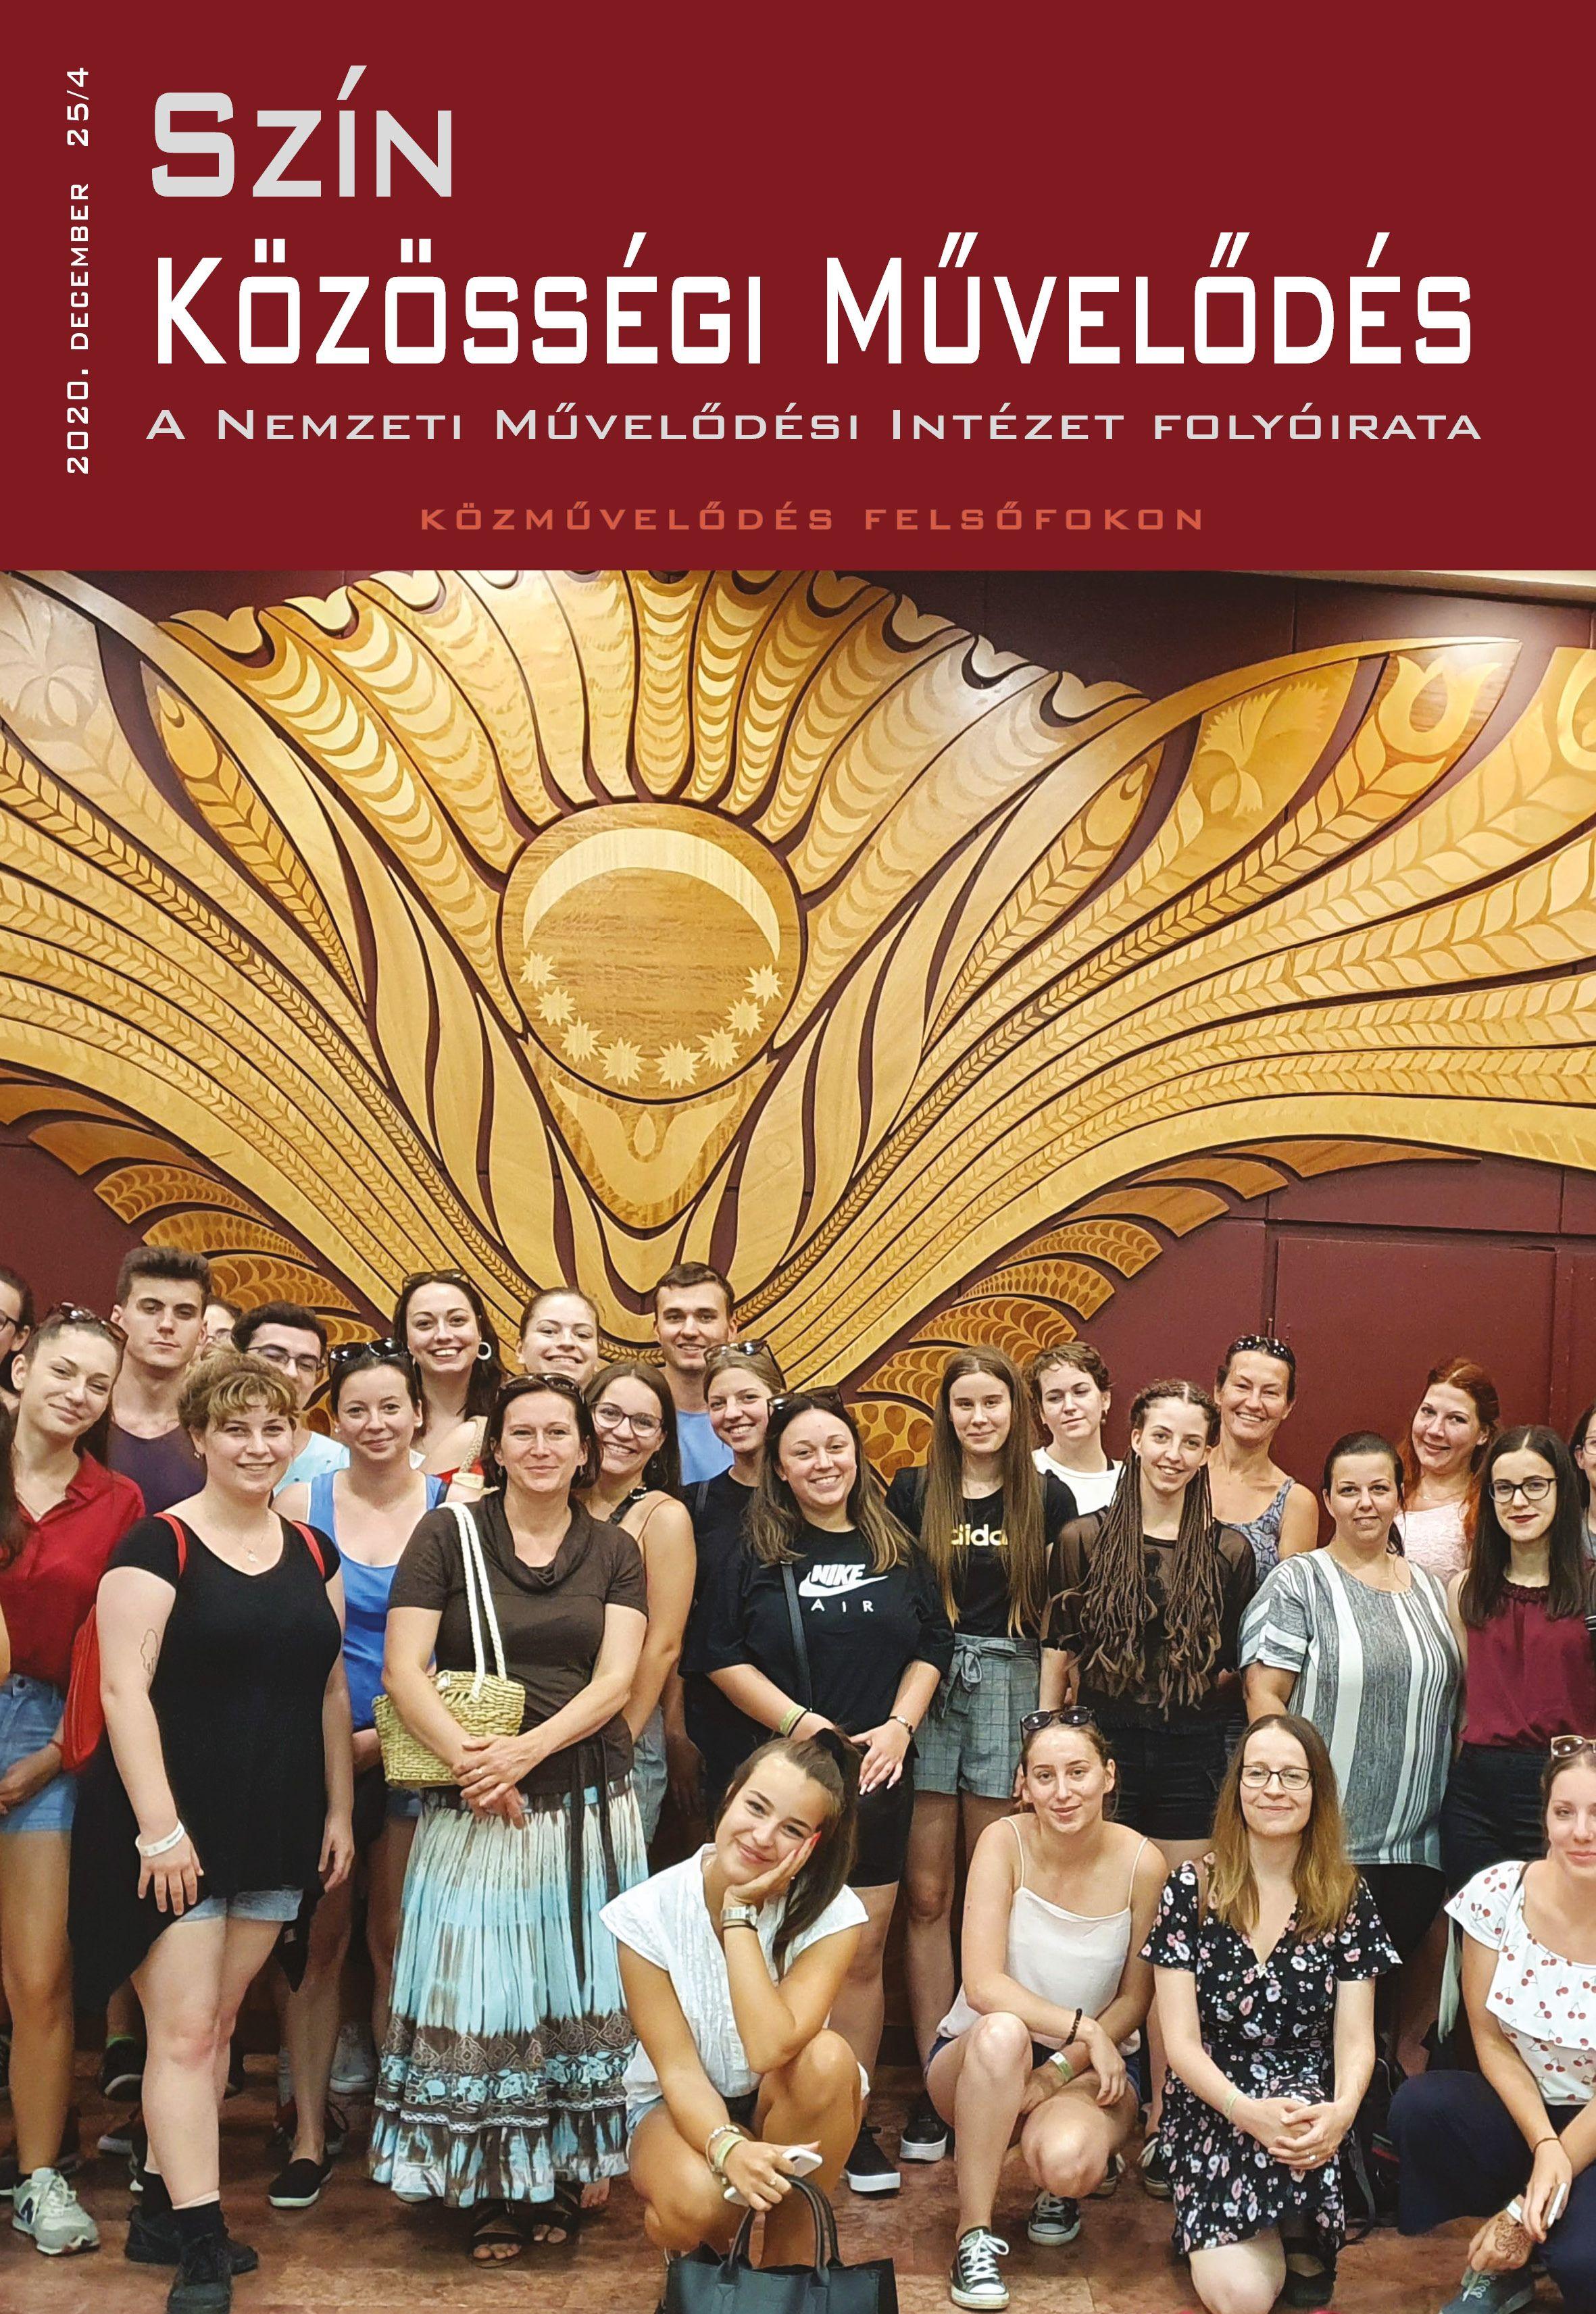 Megjelent a SZÍN – Közösségi Művelődés folyóirat új száma, Közművelődés felsőfokon címmel.